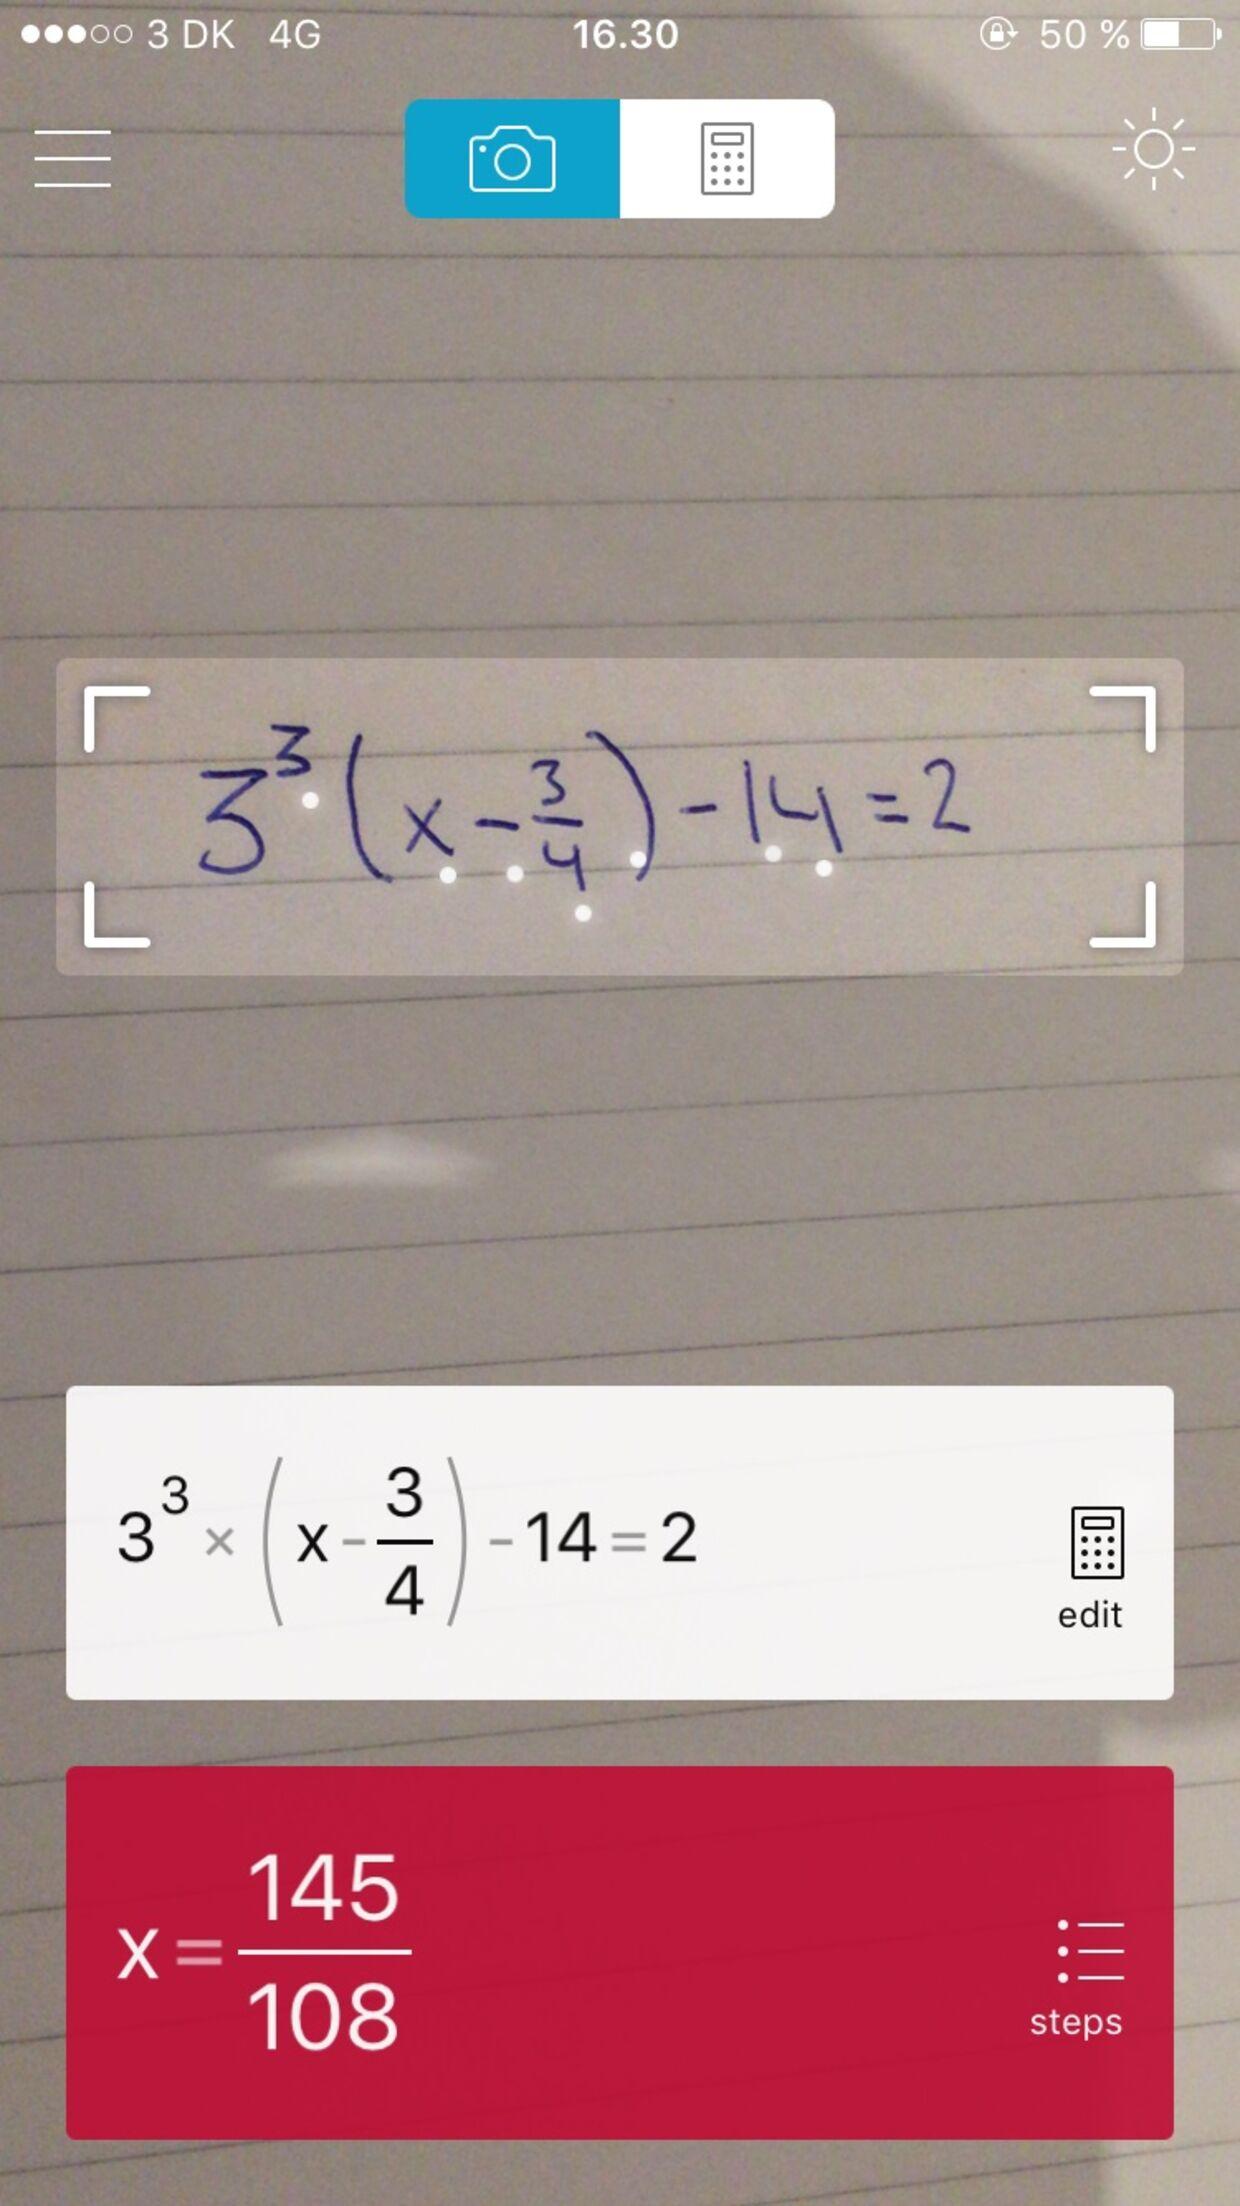 Ved blot at holde telefonen over det håndskrevne matematikstykke, løser appen det stillede problem.